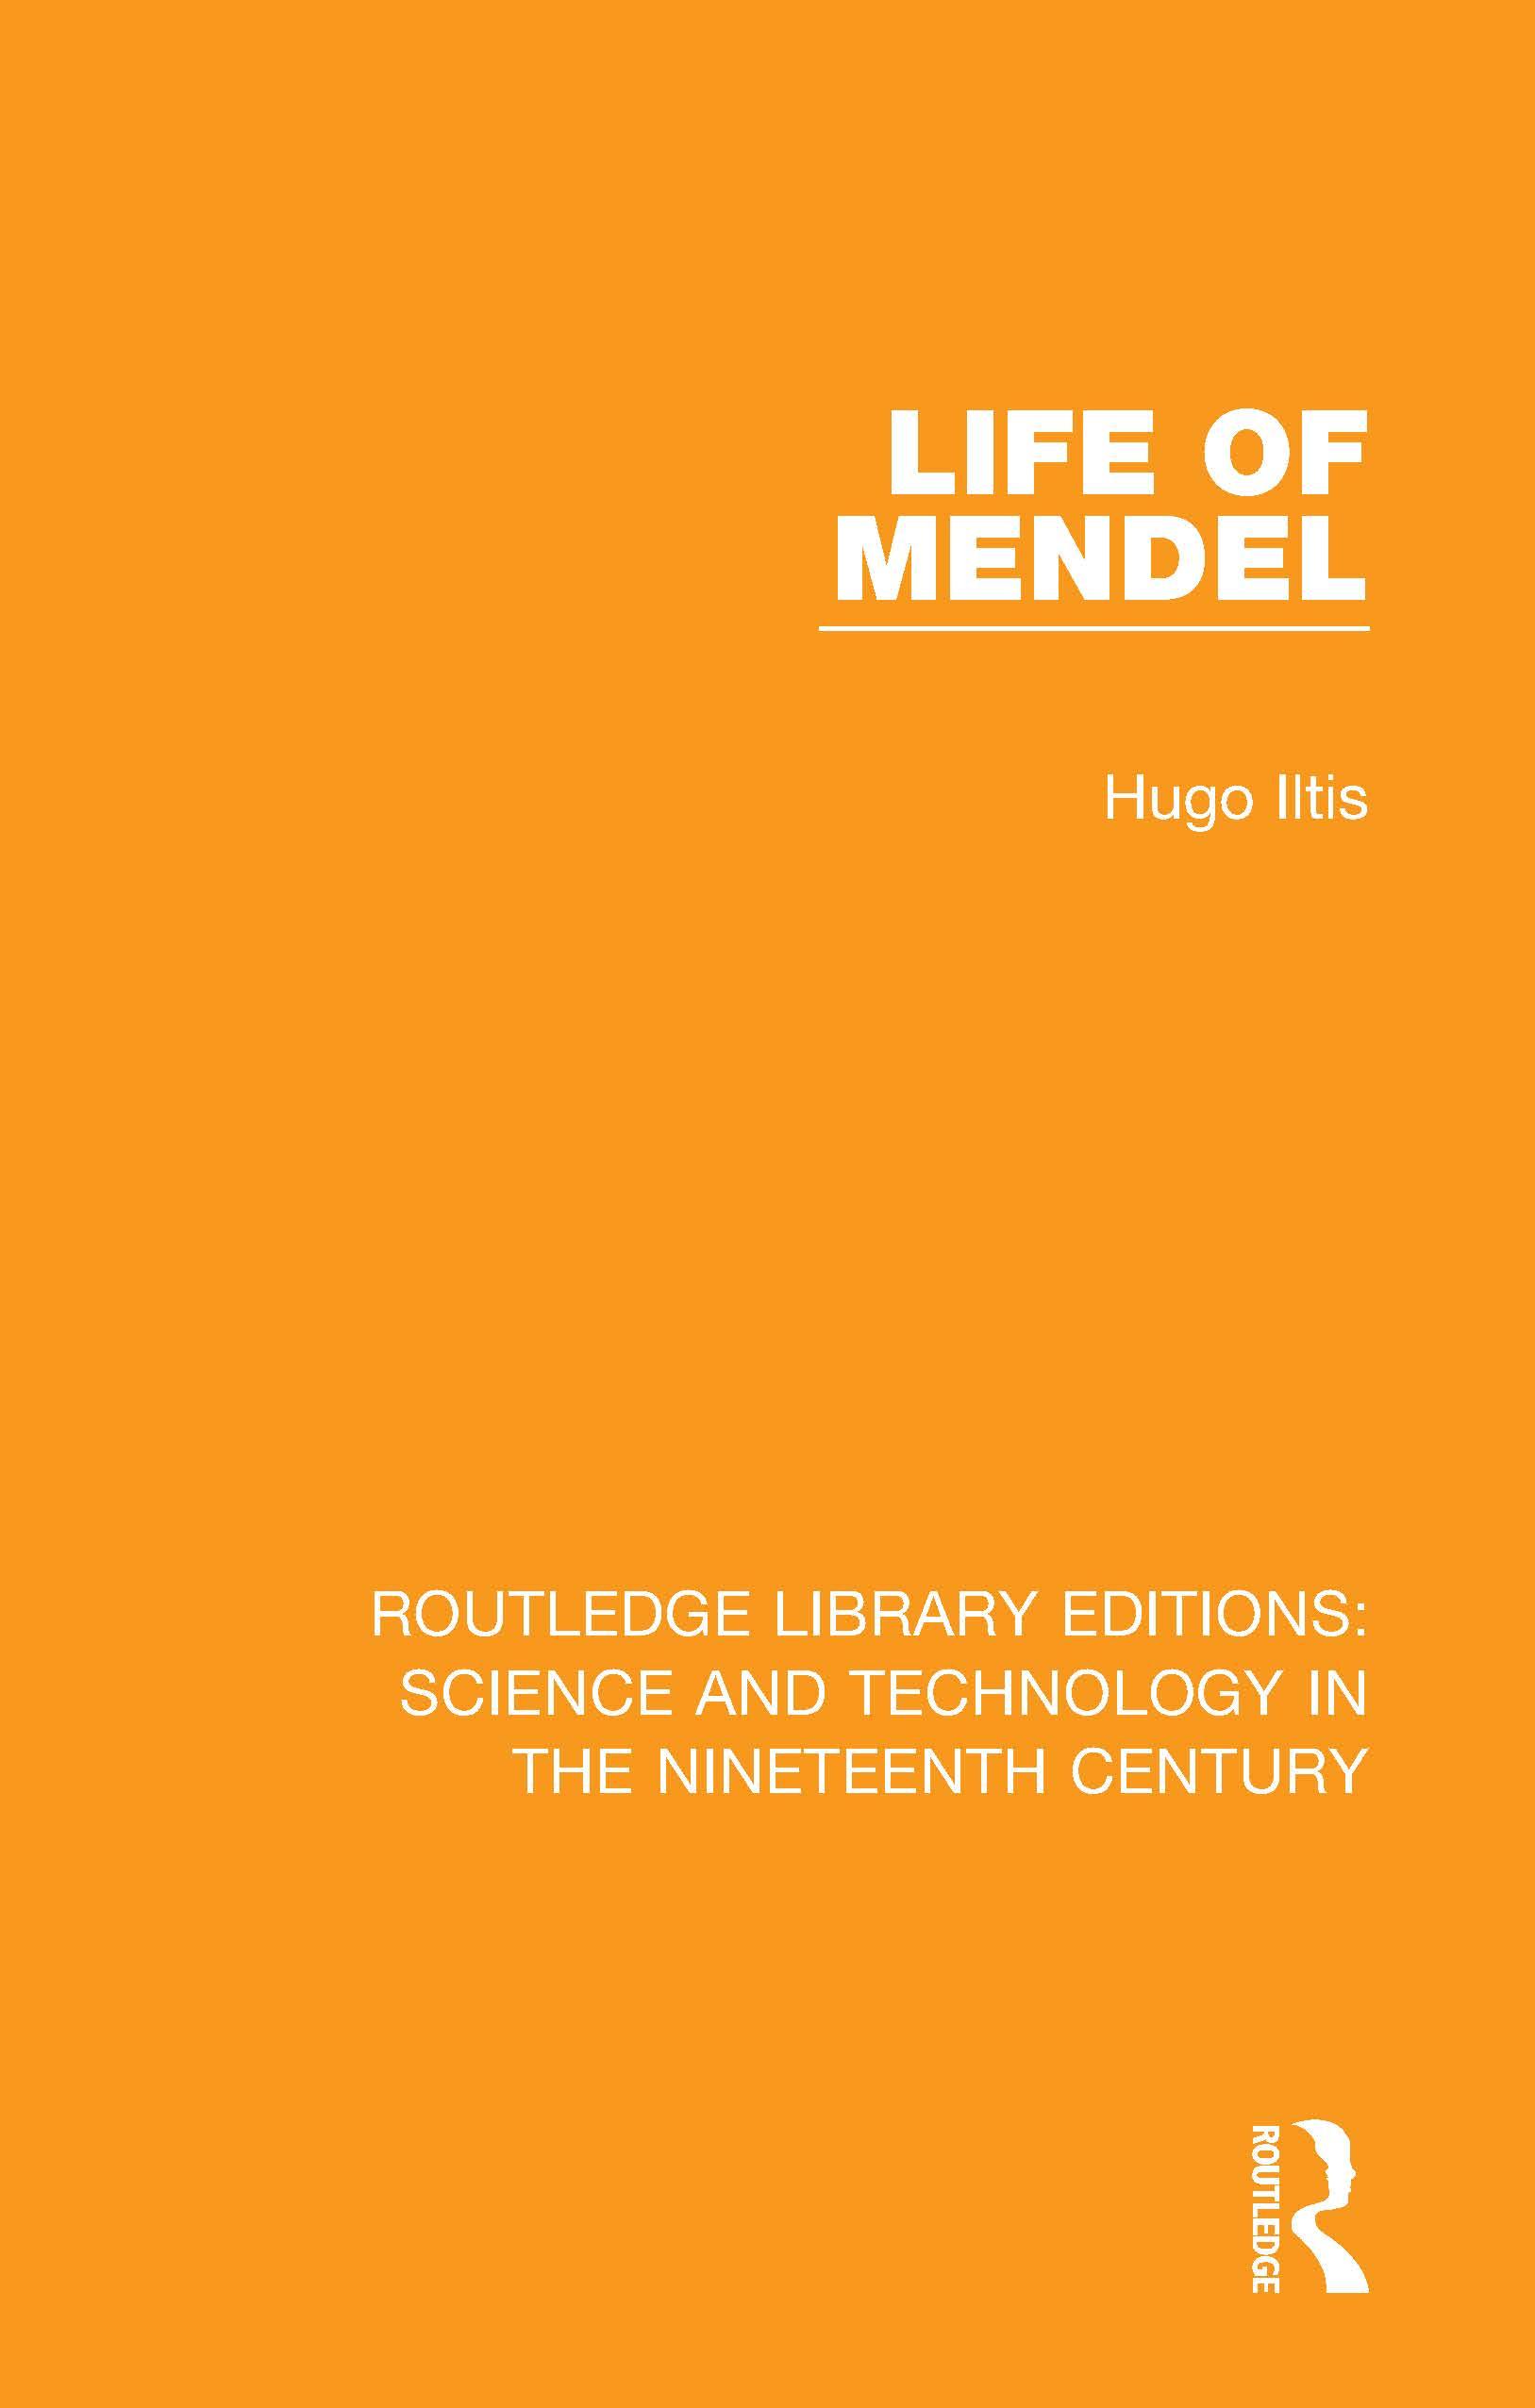 Life of Mendel